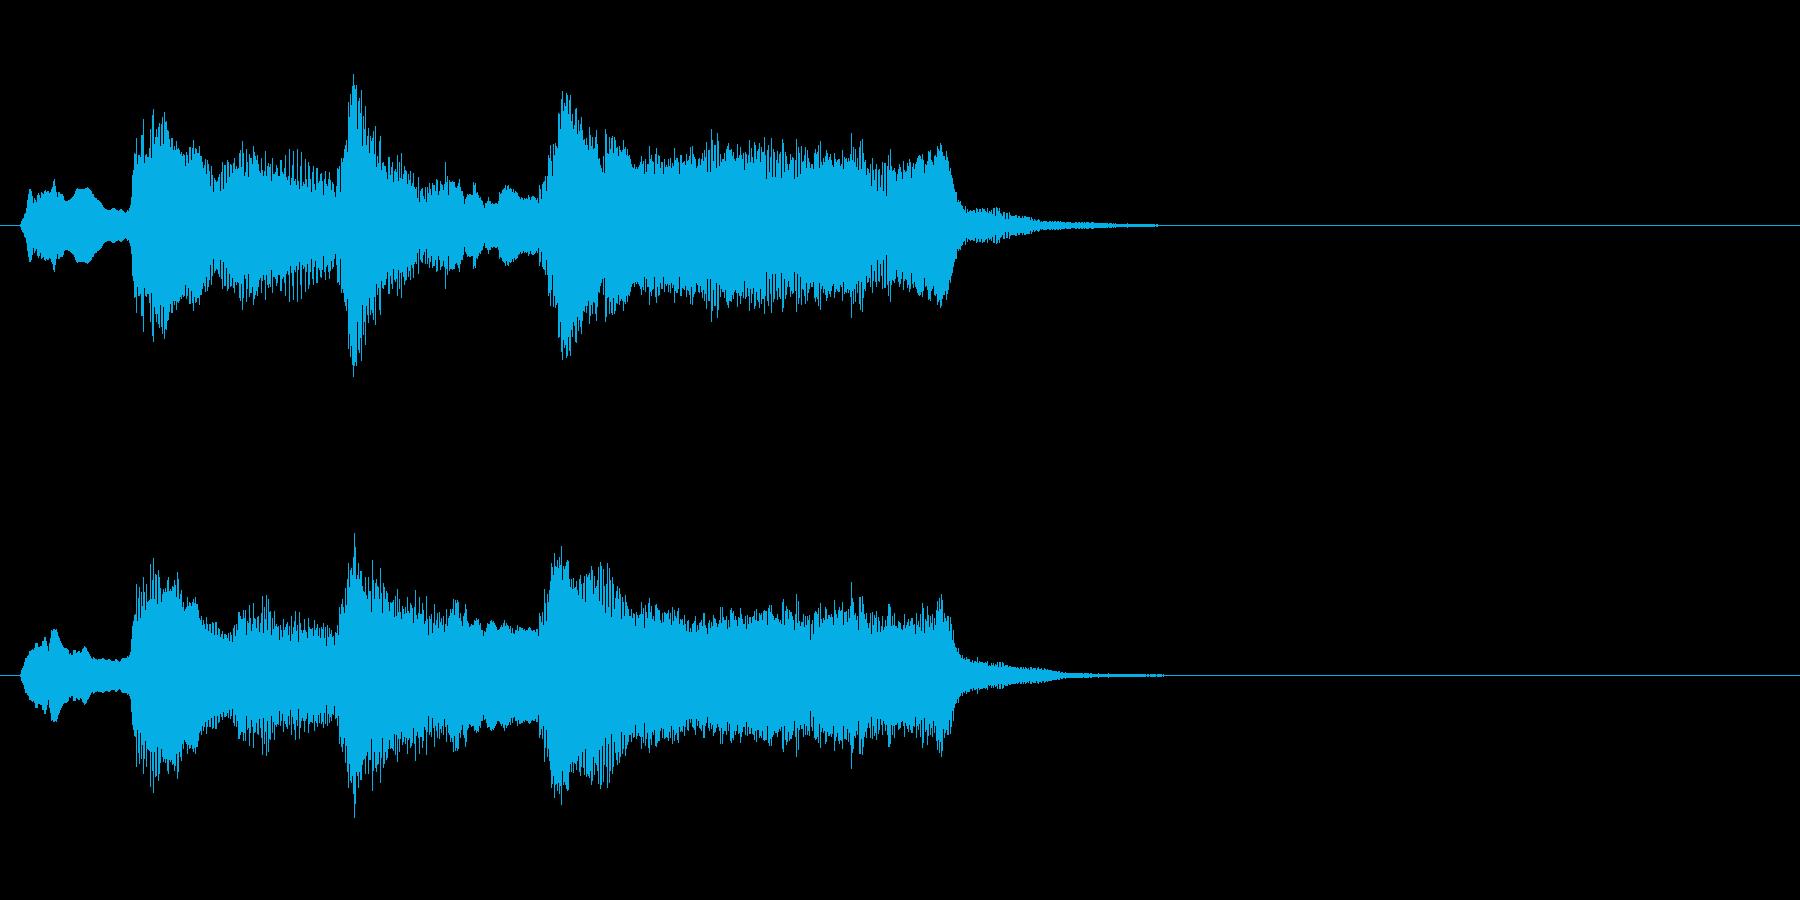 ファンファーレ スポーツ 宮殿 皇室の再生済みの波形